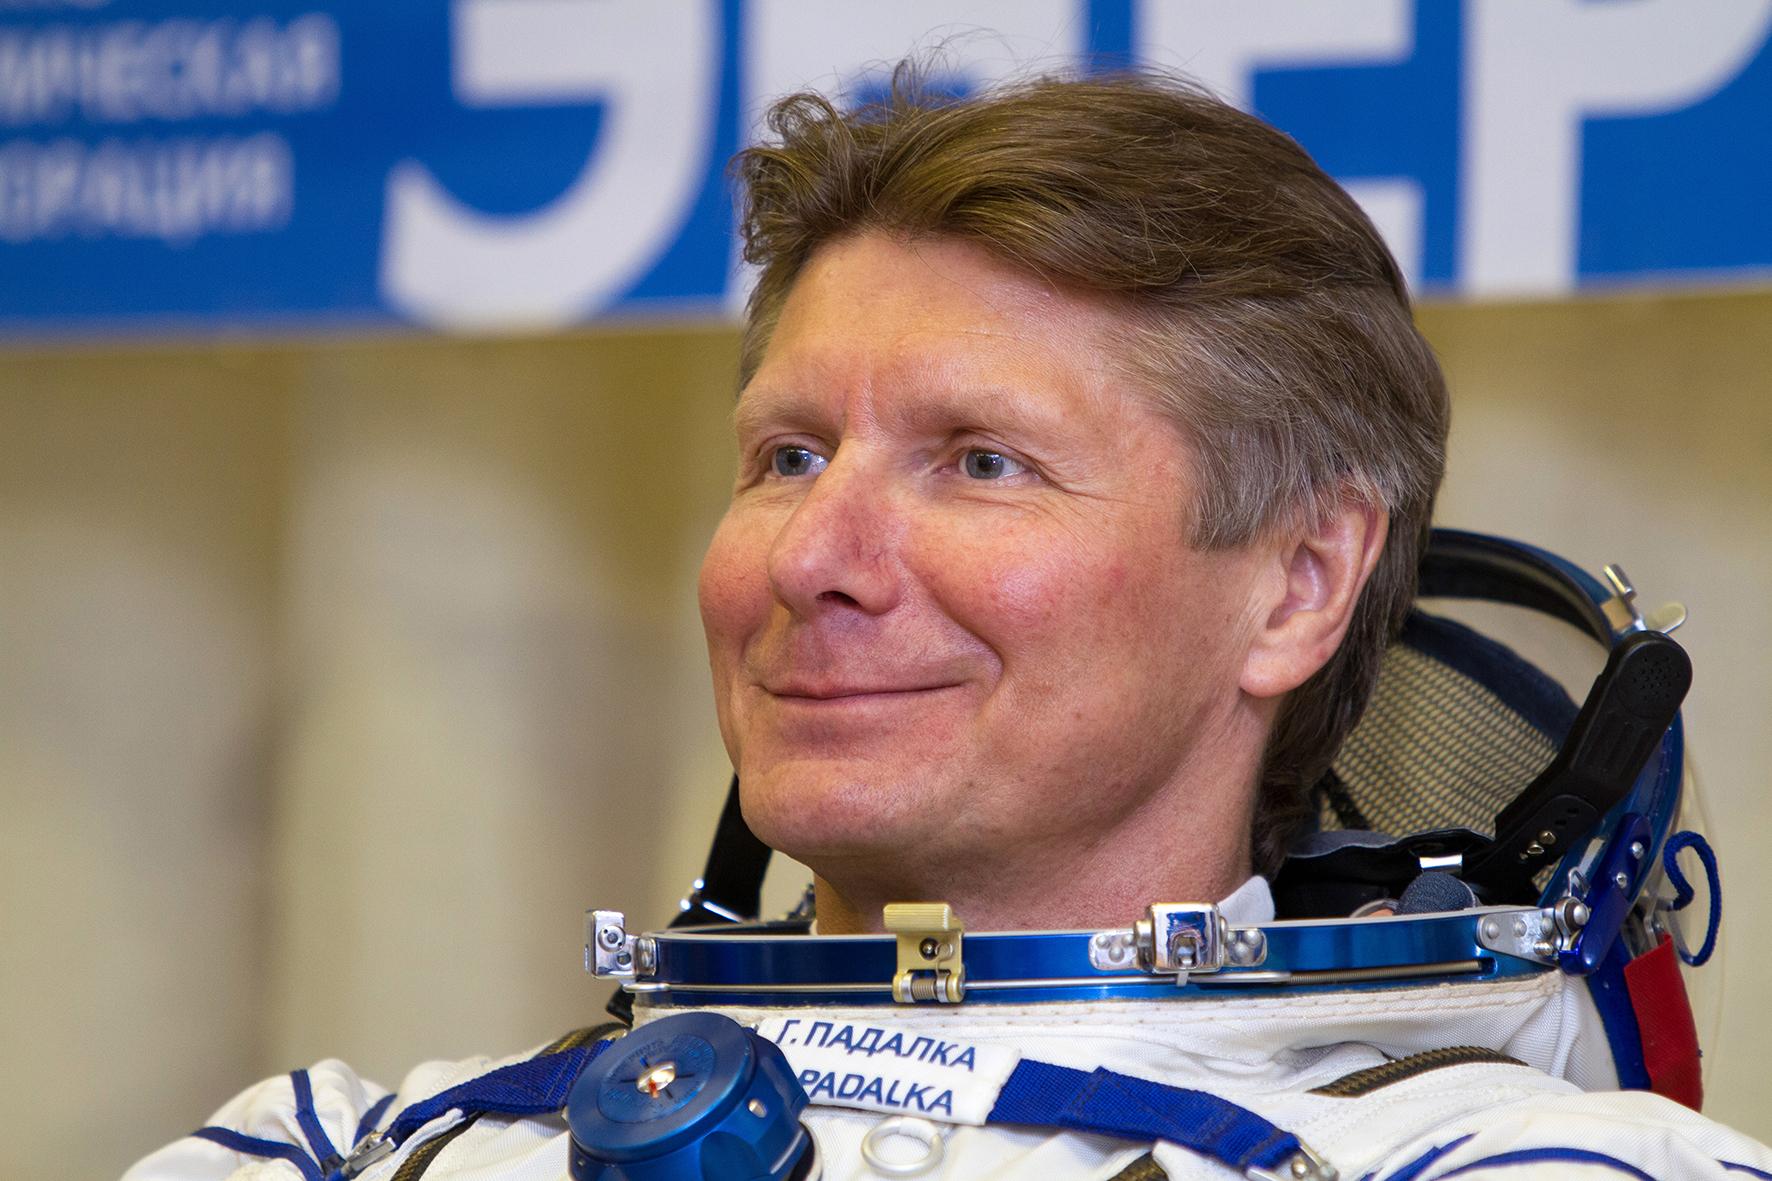 Gennady Padalka rompe record de permanencia en el espacio